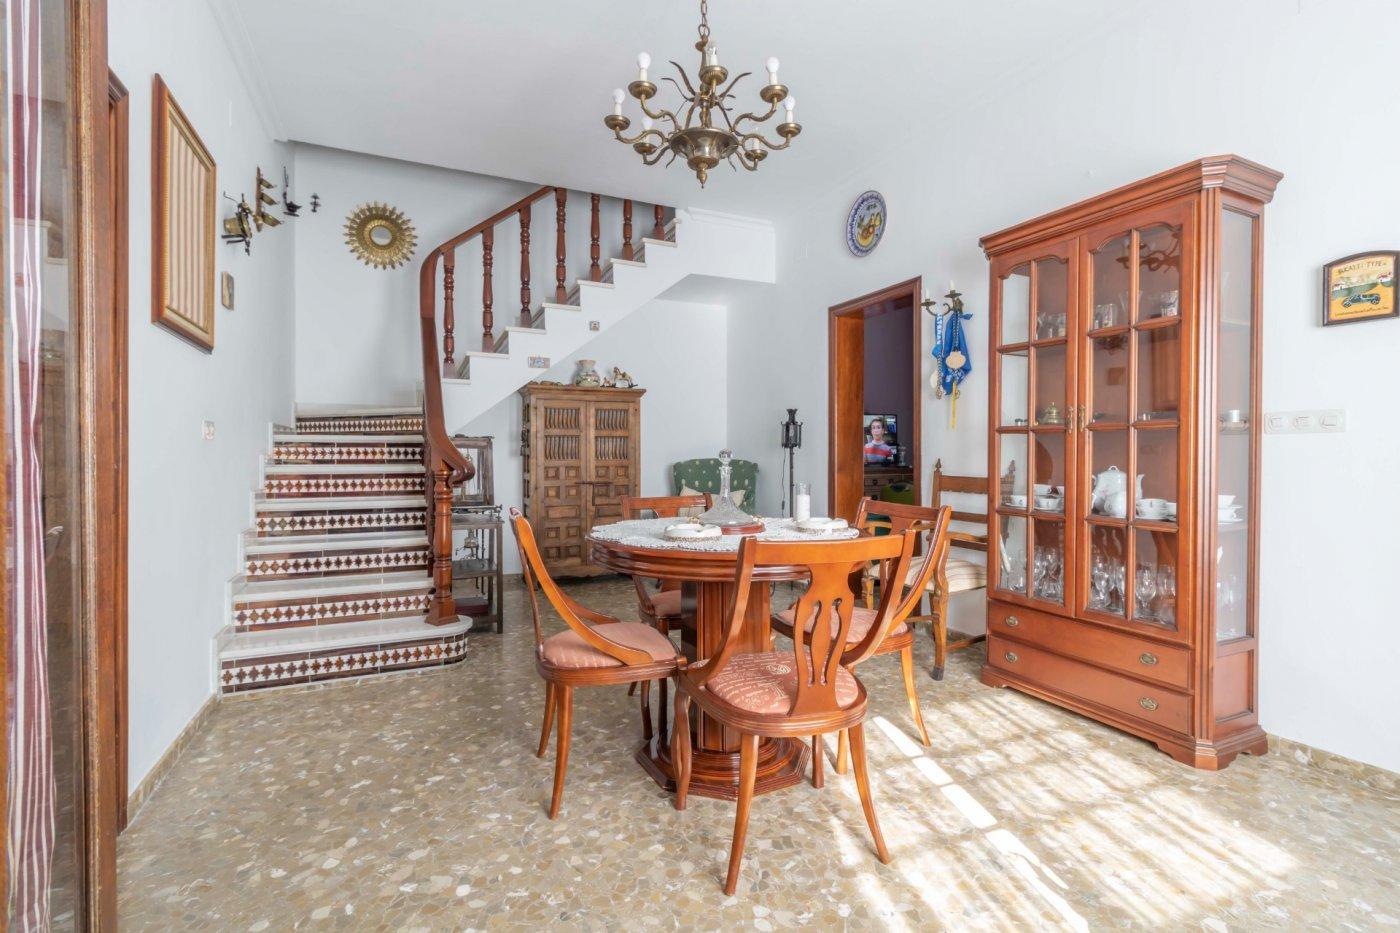 Casa a la venta en salteras - imagenInmueble5